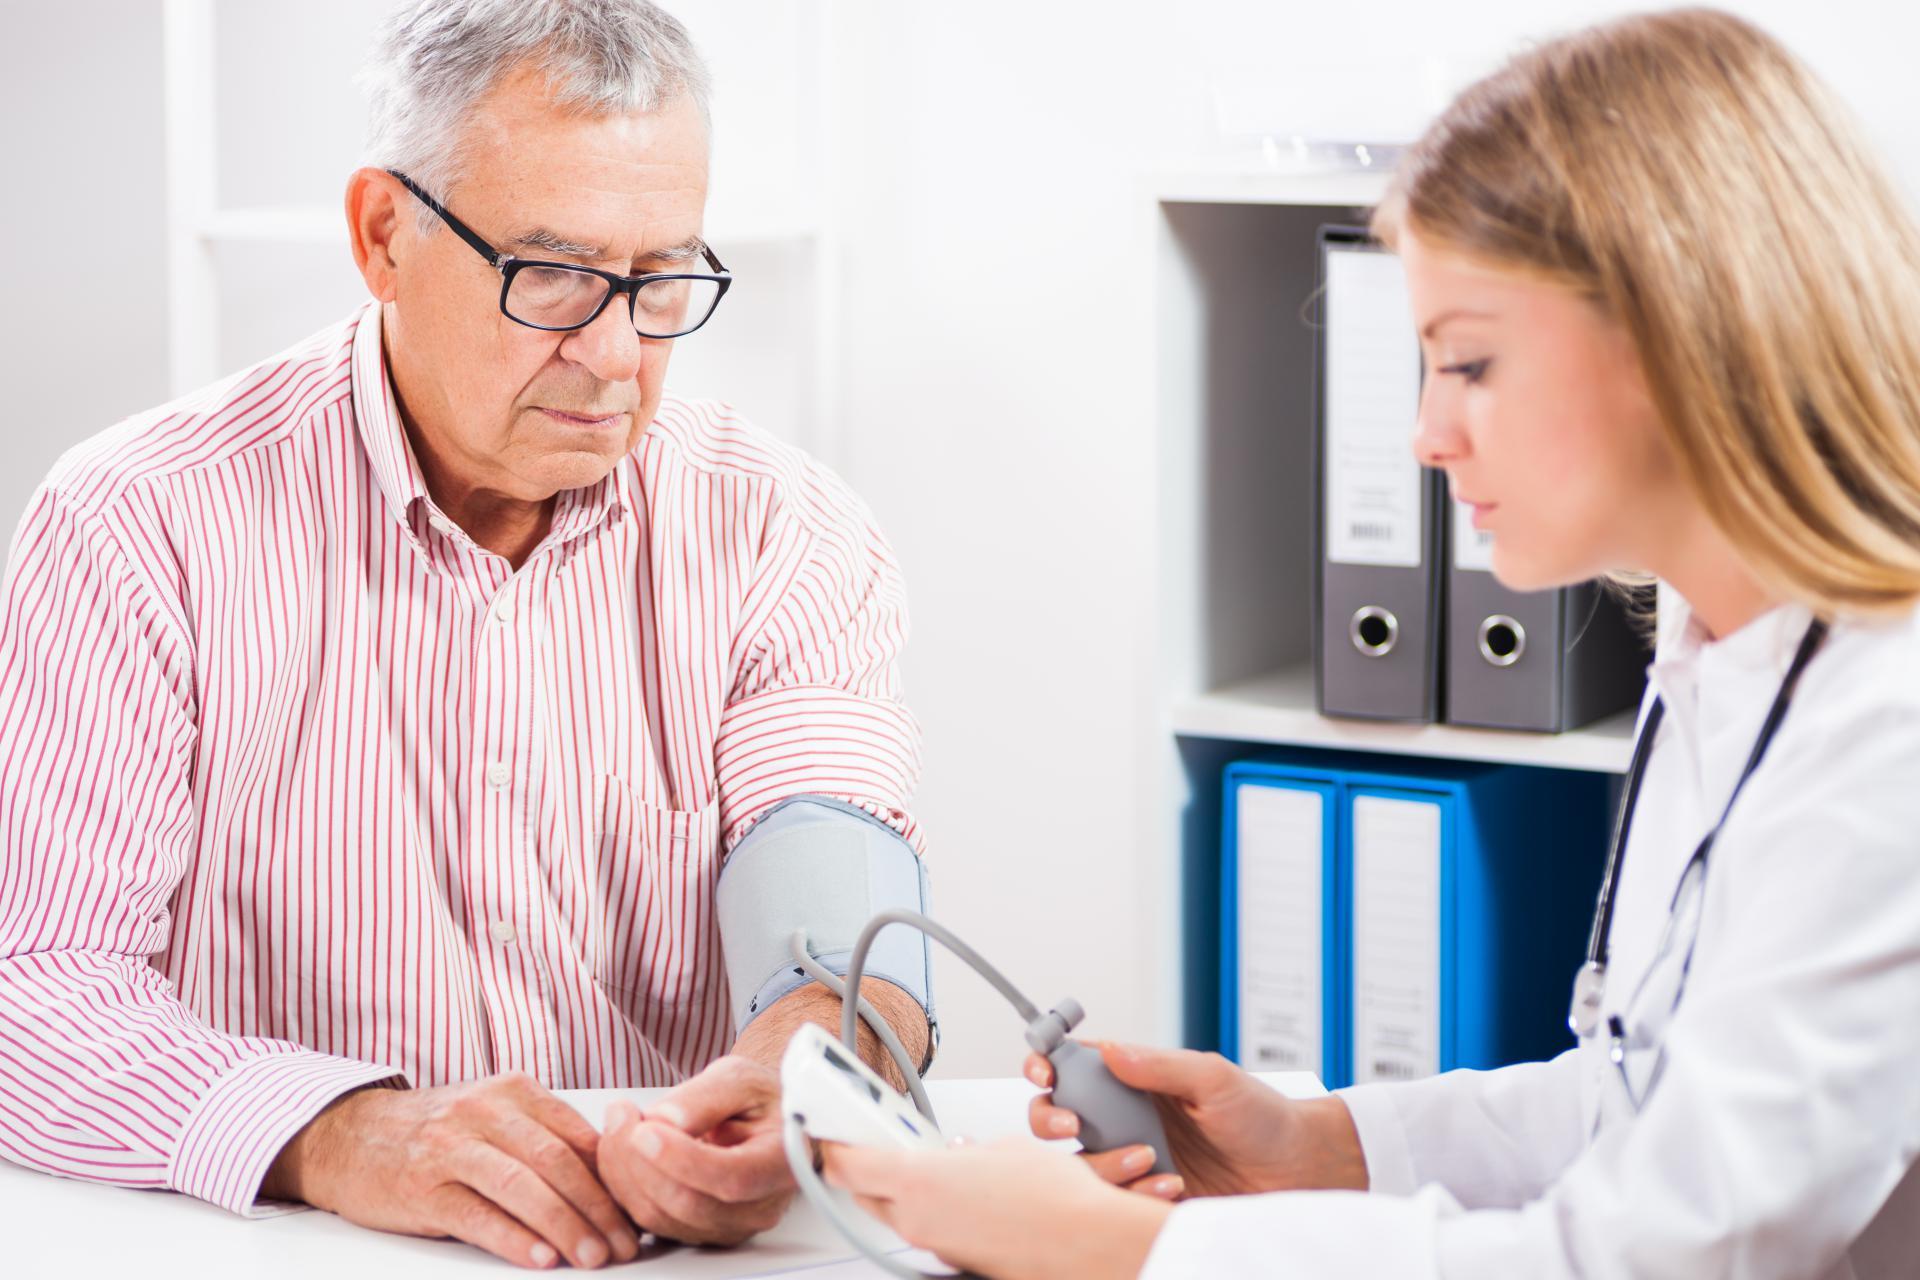 u nastupu hipertenzije